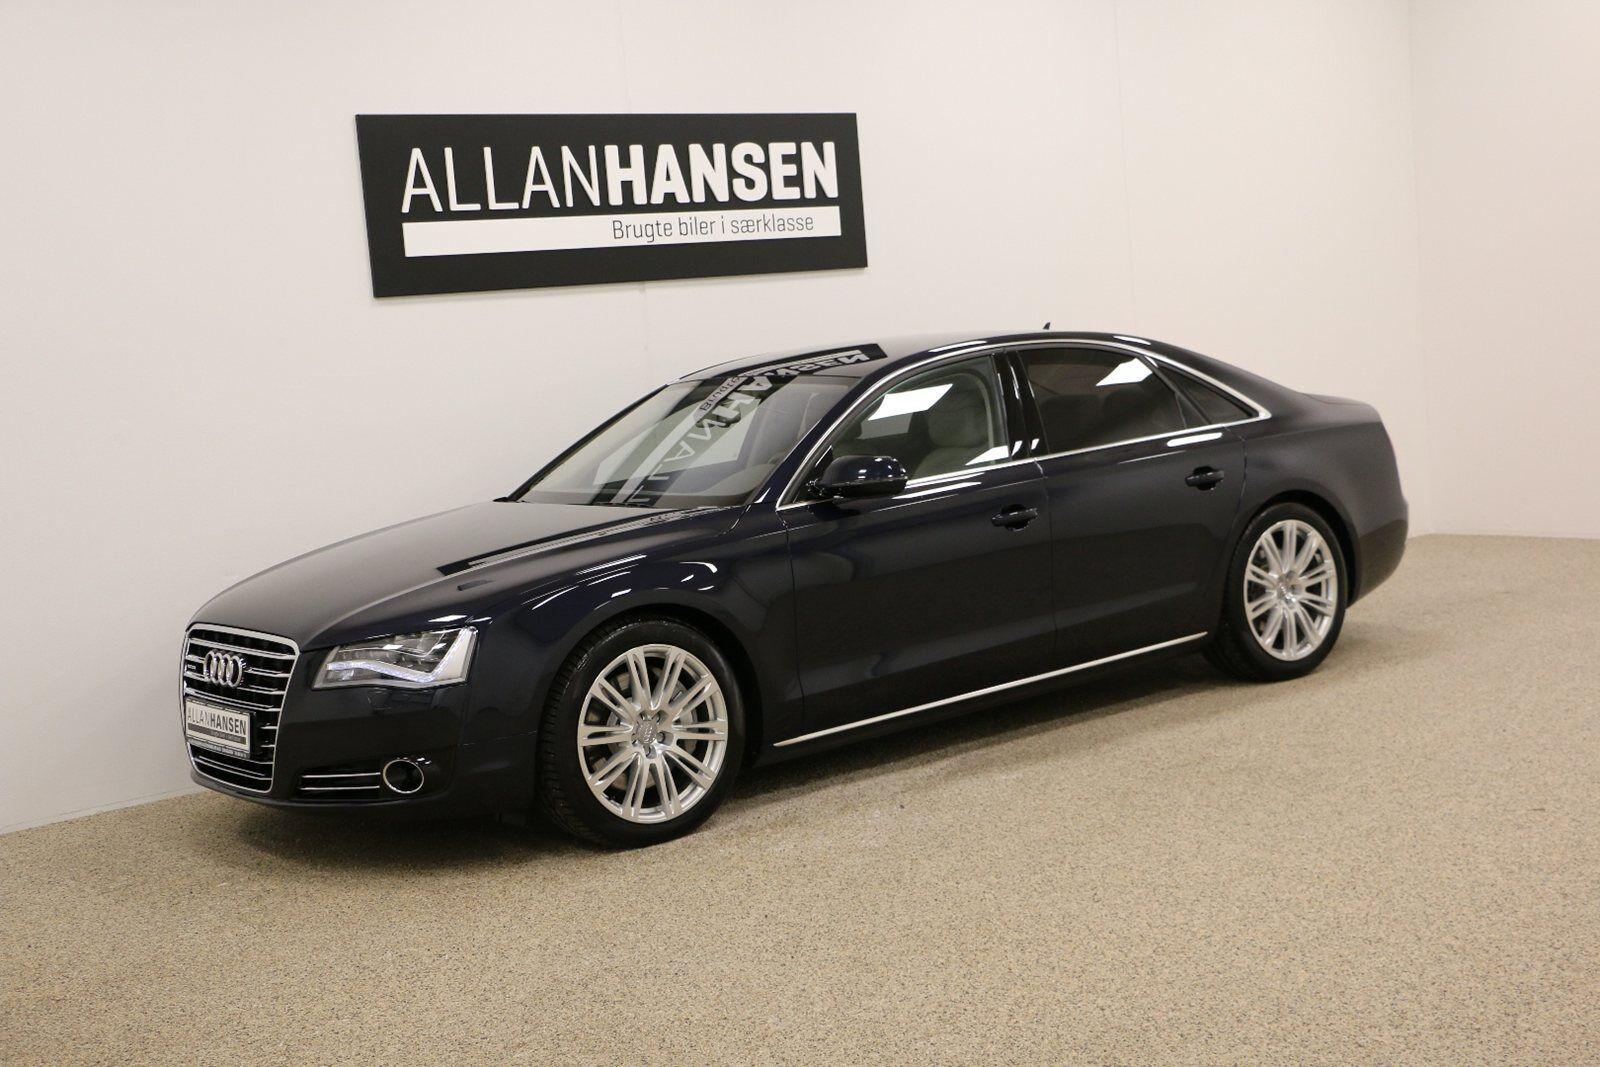 Audi A8 4,2 TDi 350 quattro Tiptr. 4d - 649.900 kr.